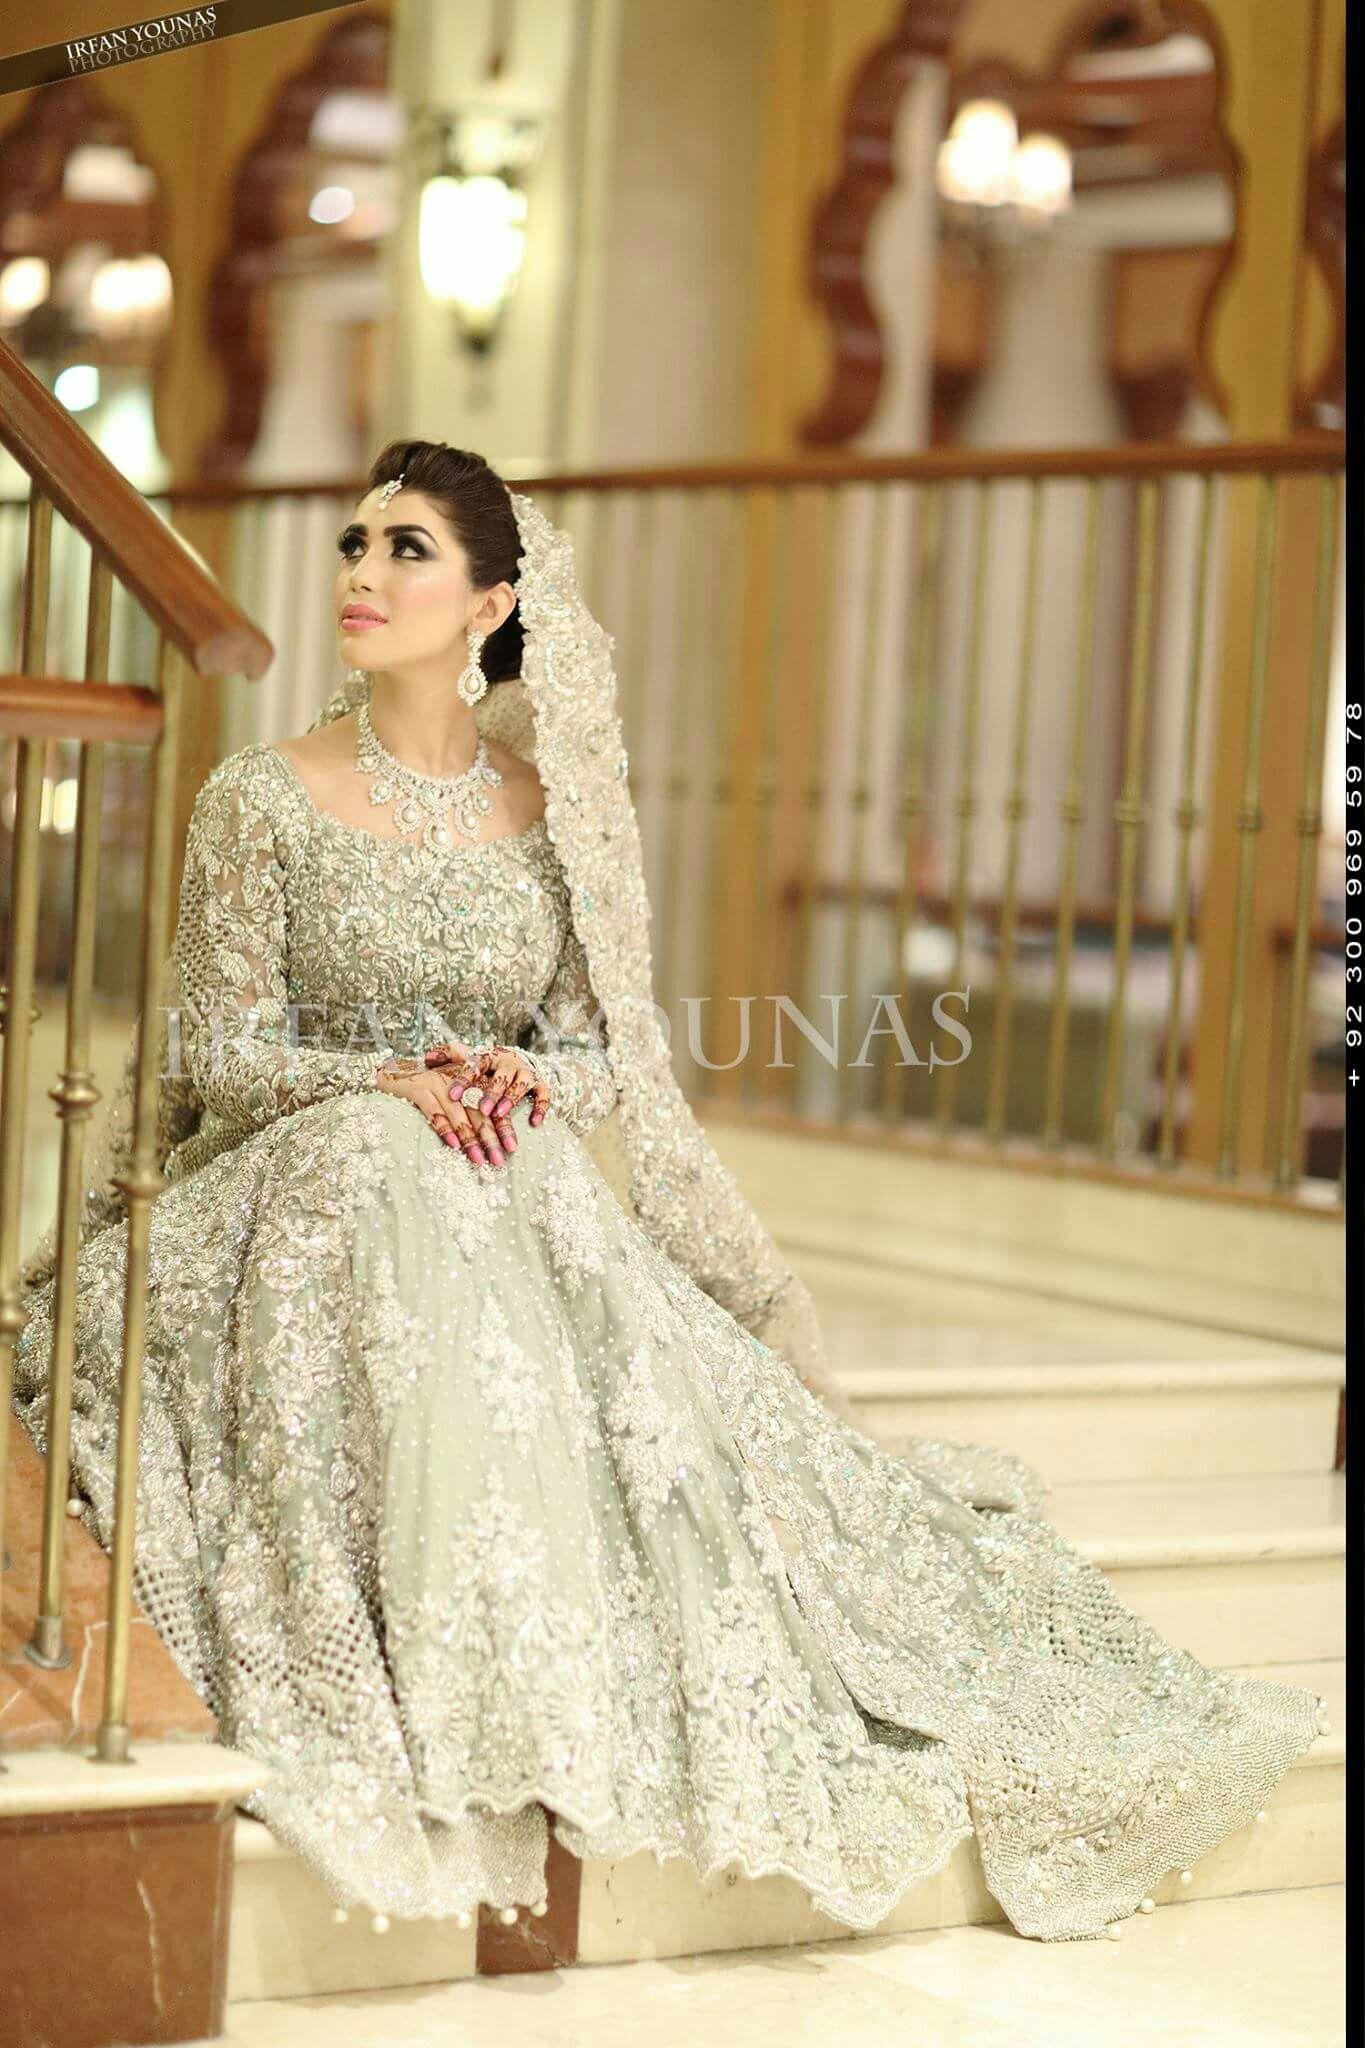 Pin von alina ch auf Bridal dresses | Pinterest | traditionelle ...